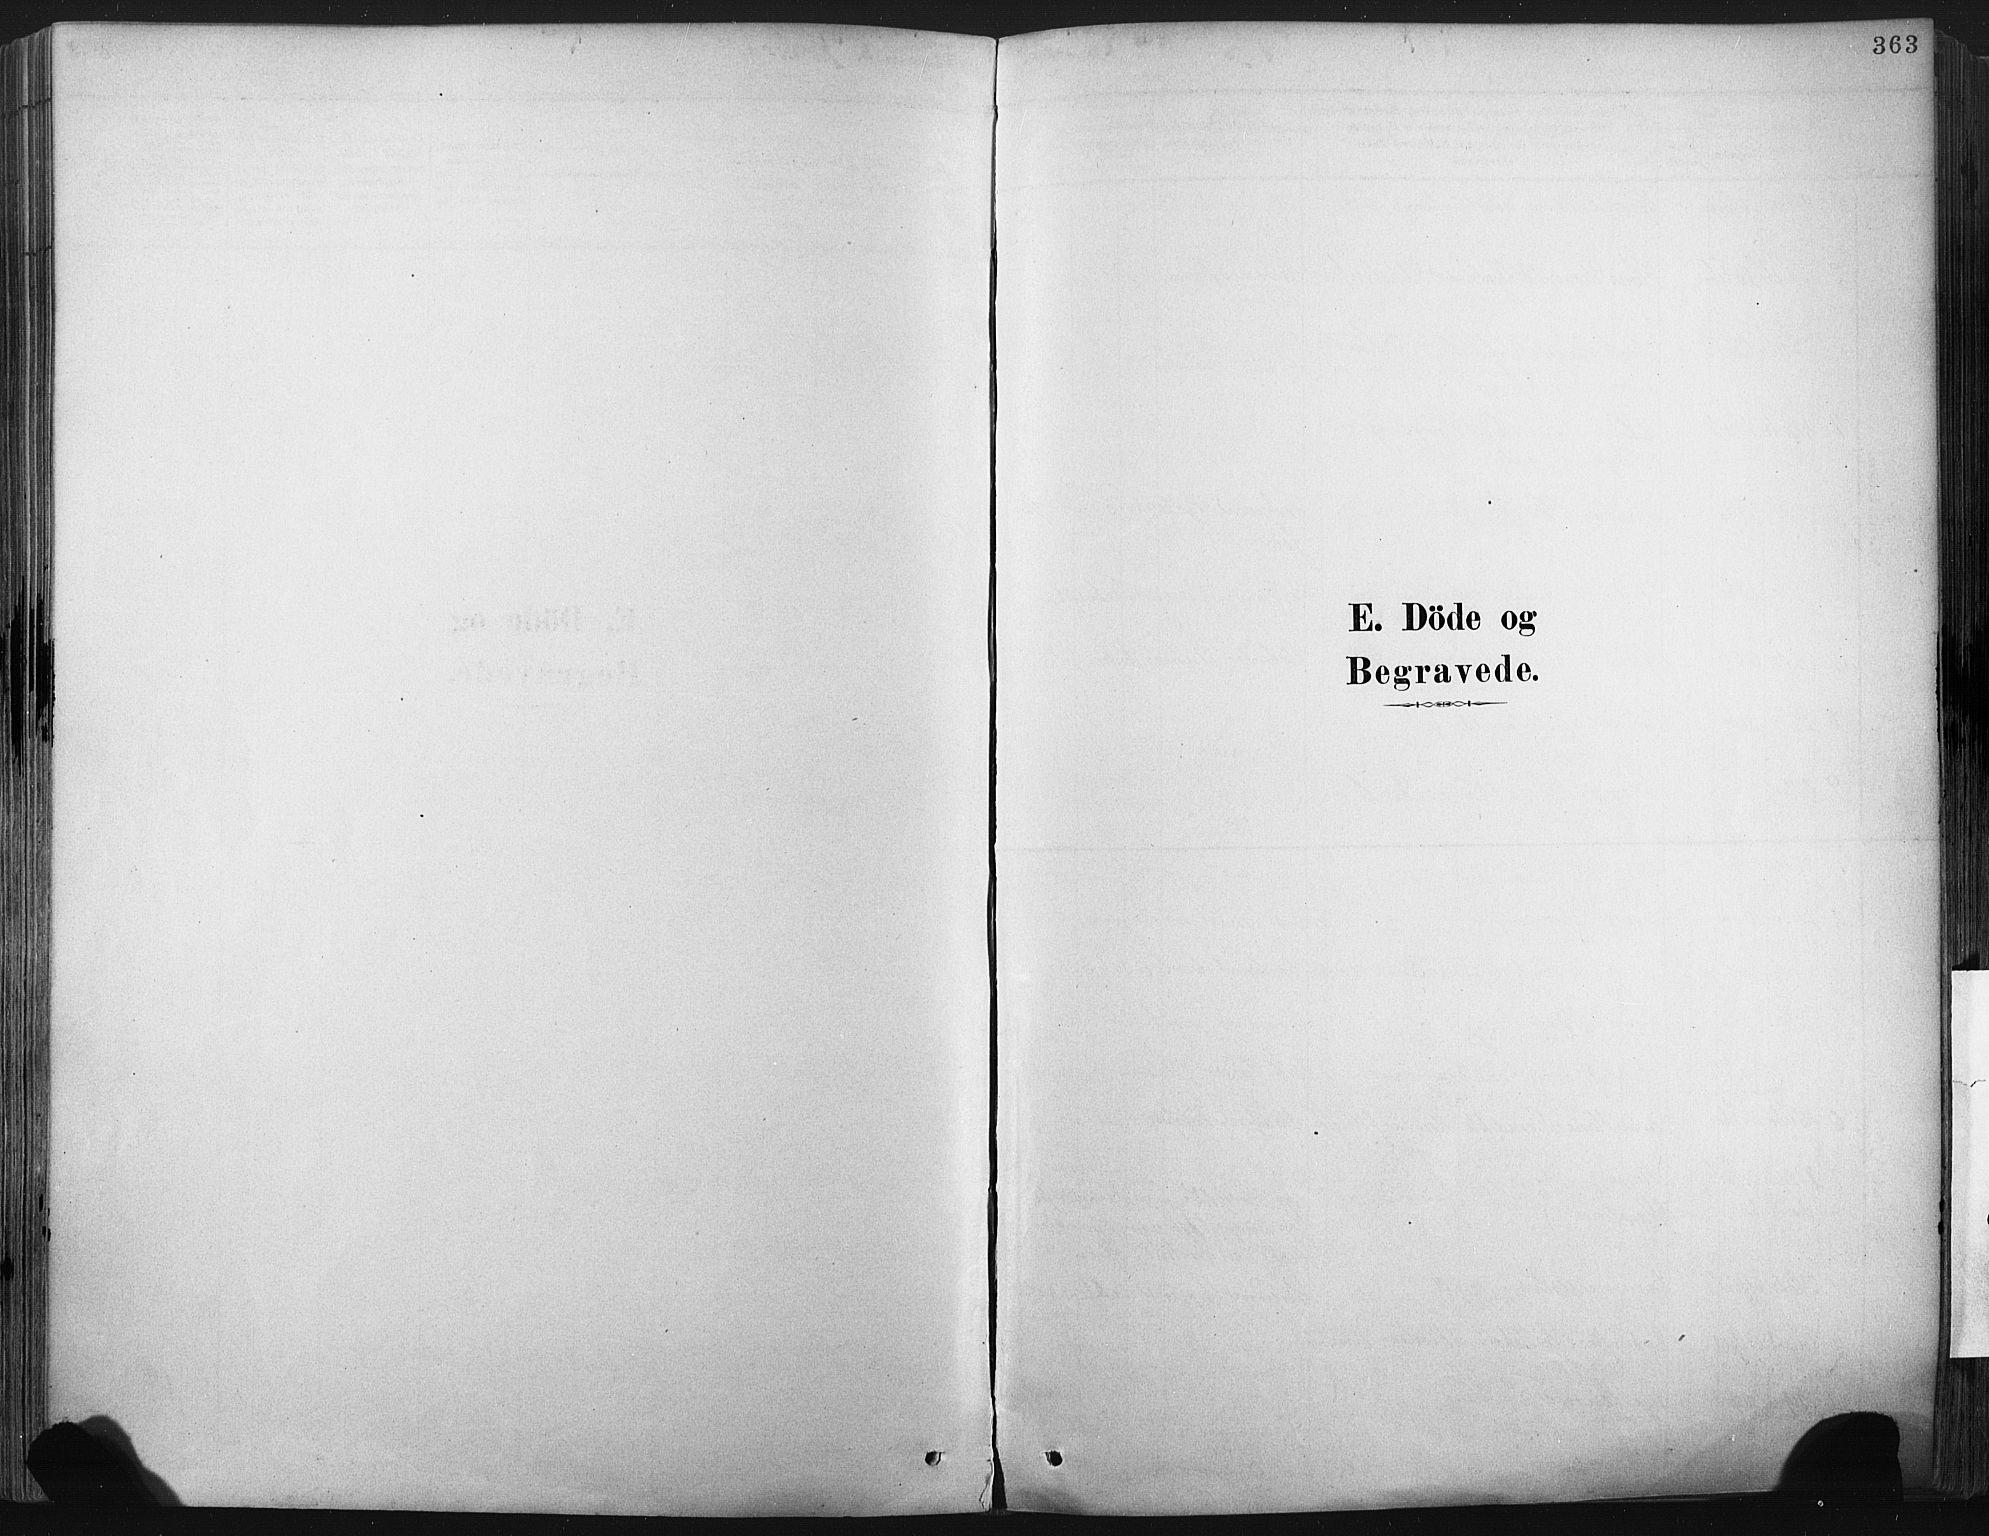 SAKO, Porsgrunn kirkebøker , F/Fa/L0008: Ministerialbok nr. 8, 1878-1895, s. 363